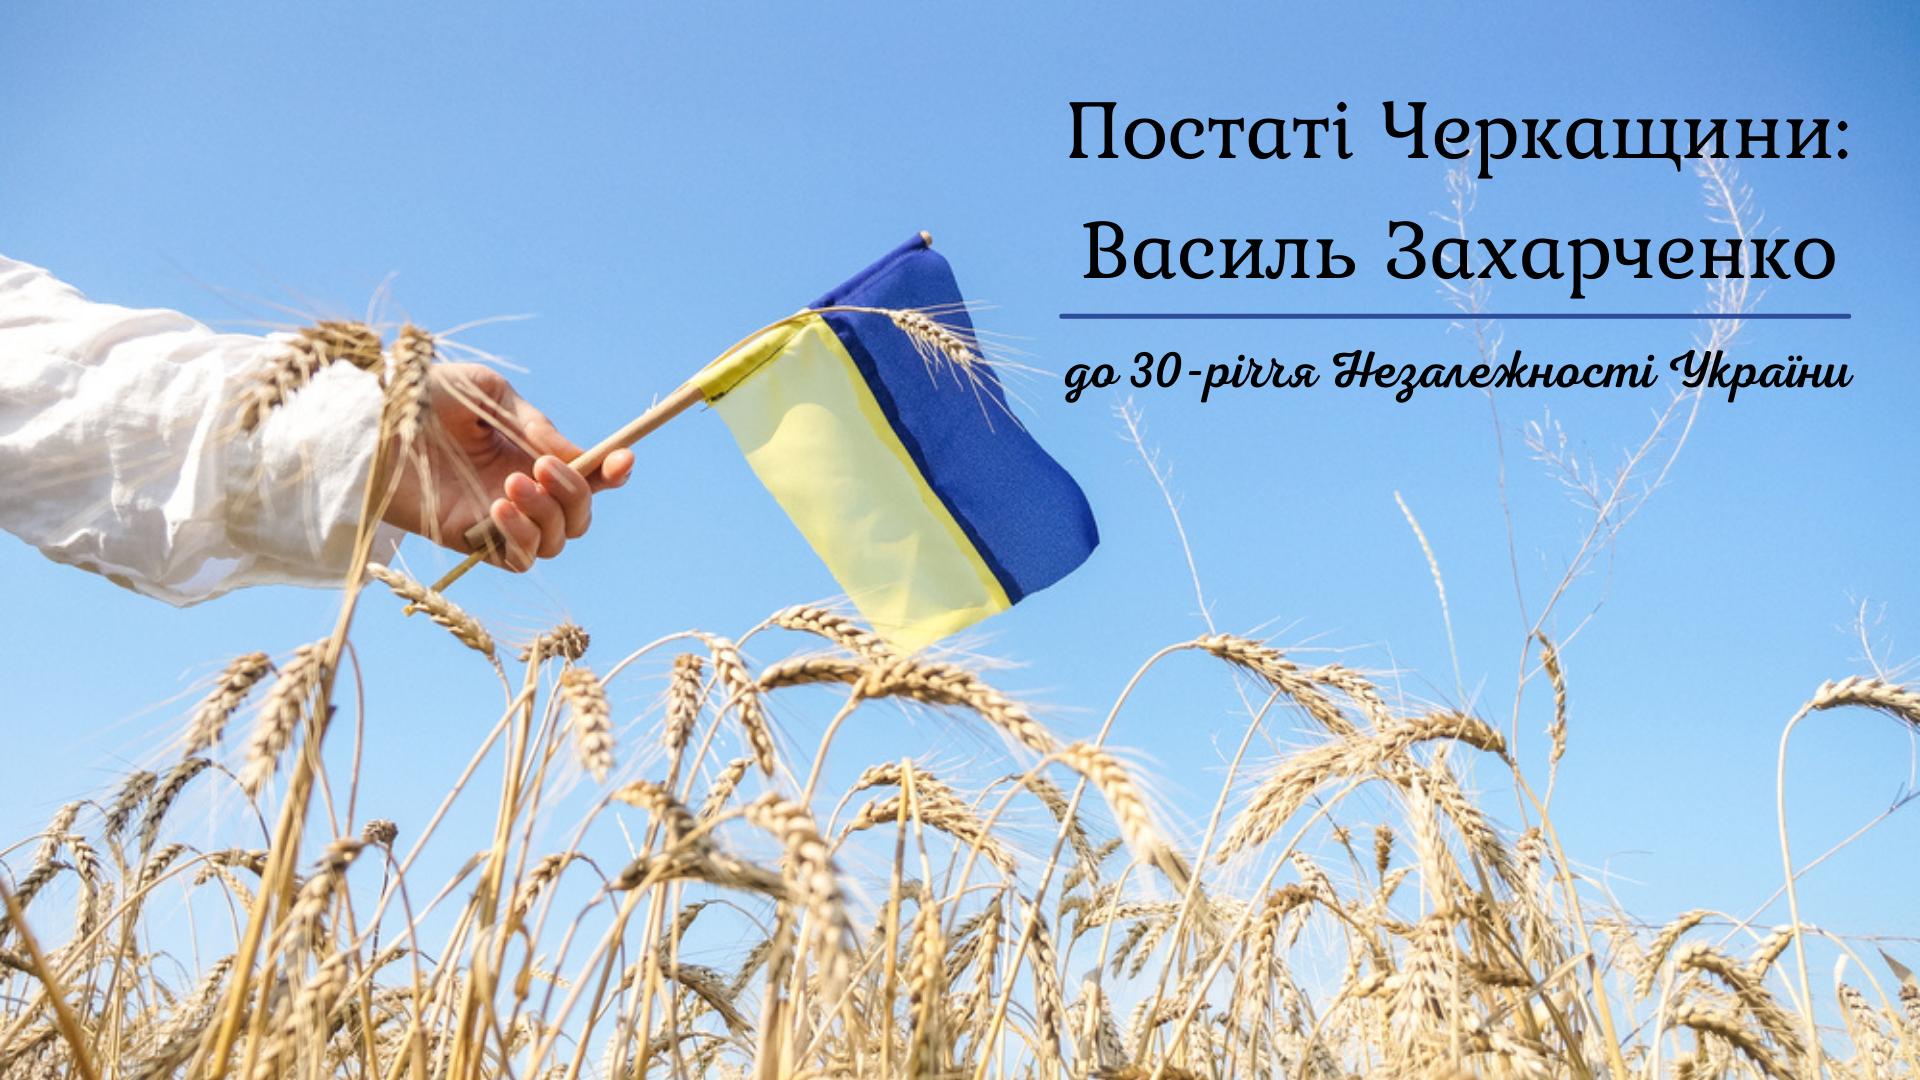 Постаті Черкащини: Василь Захарченко. До 30-річчя Незалежності України